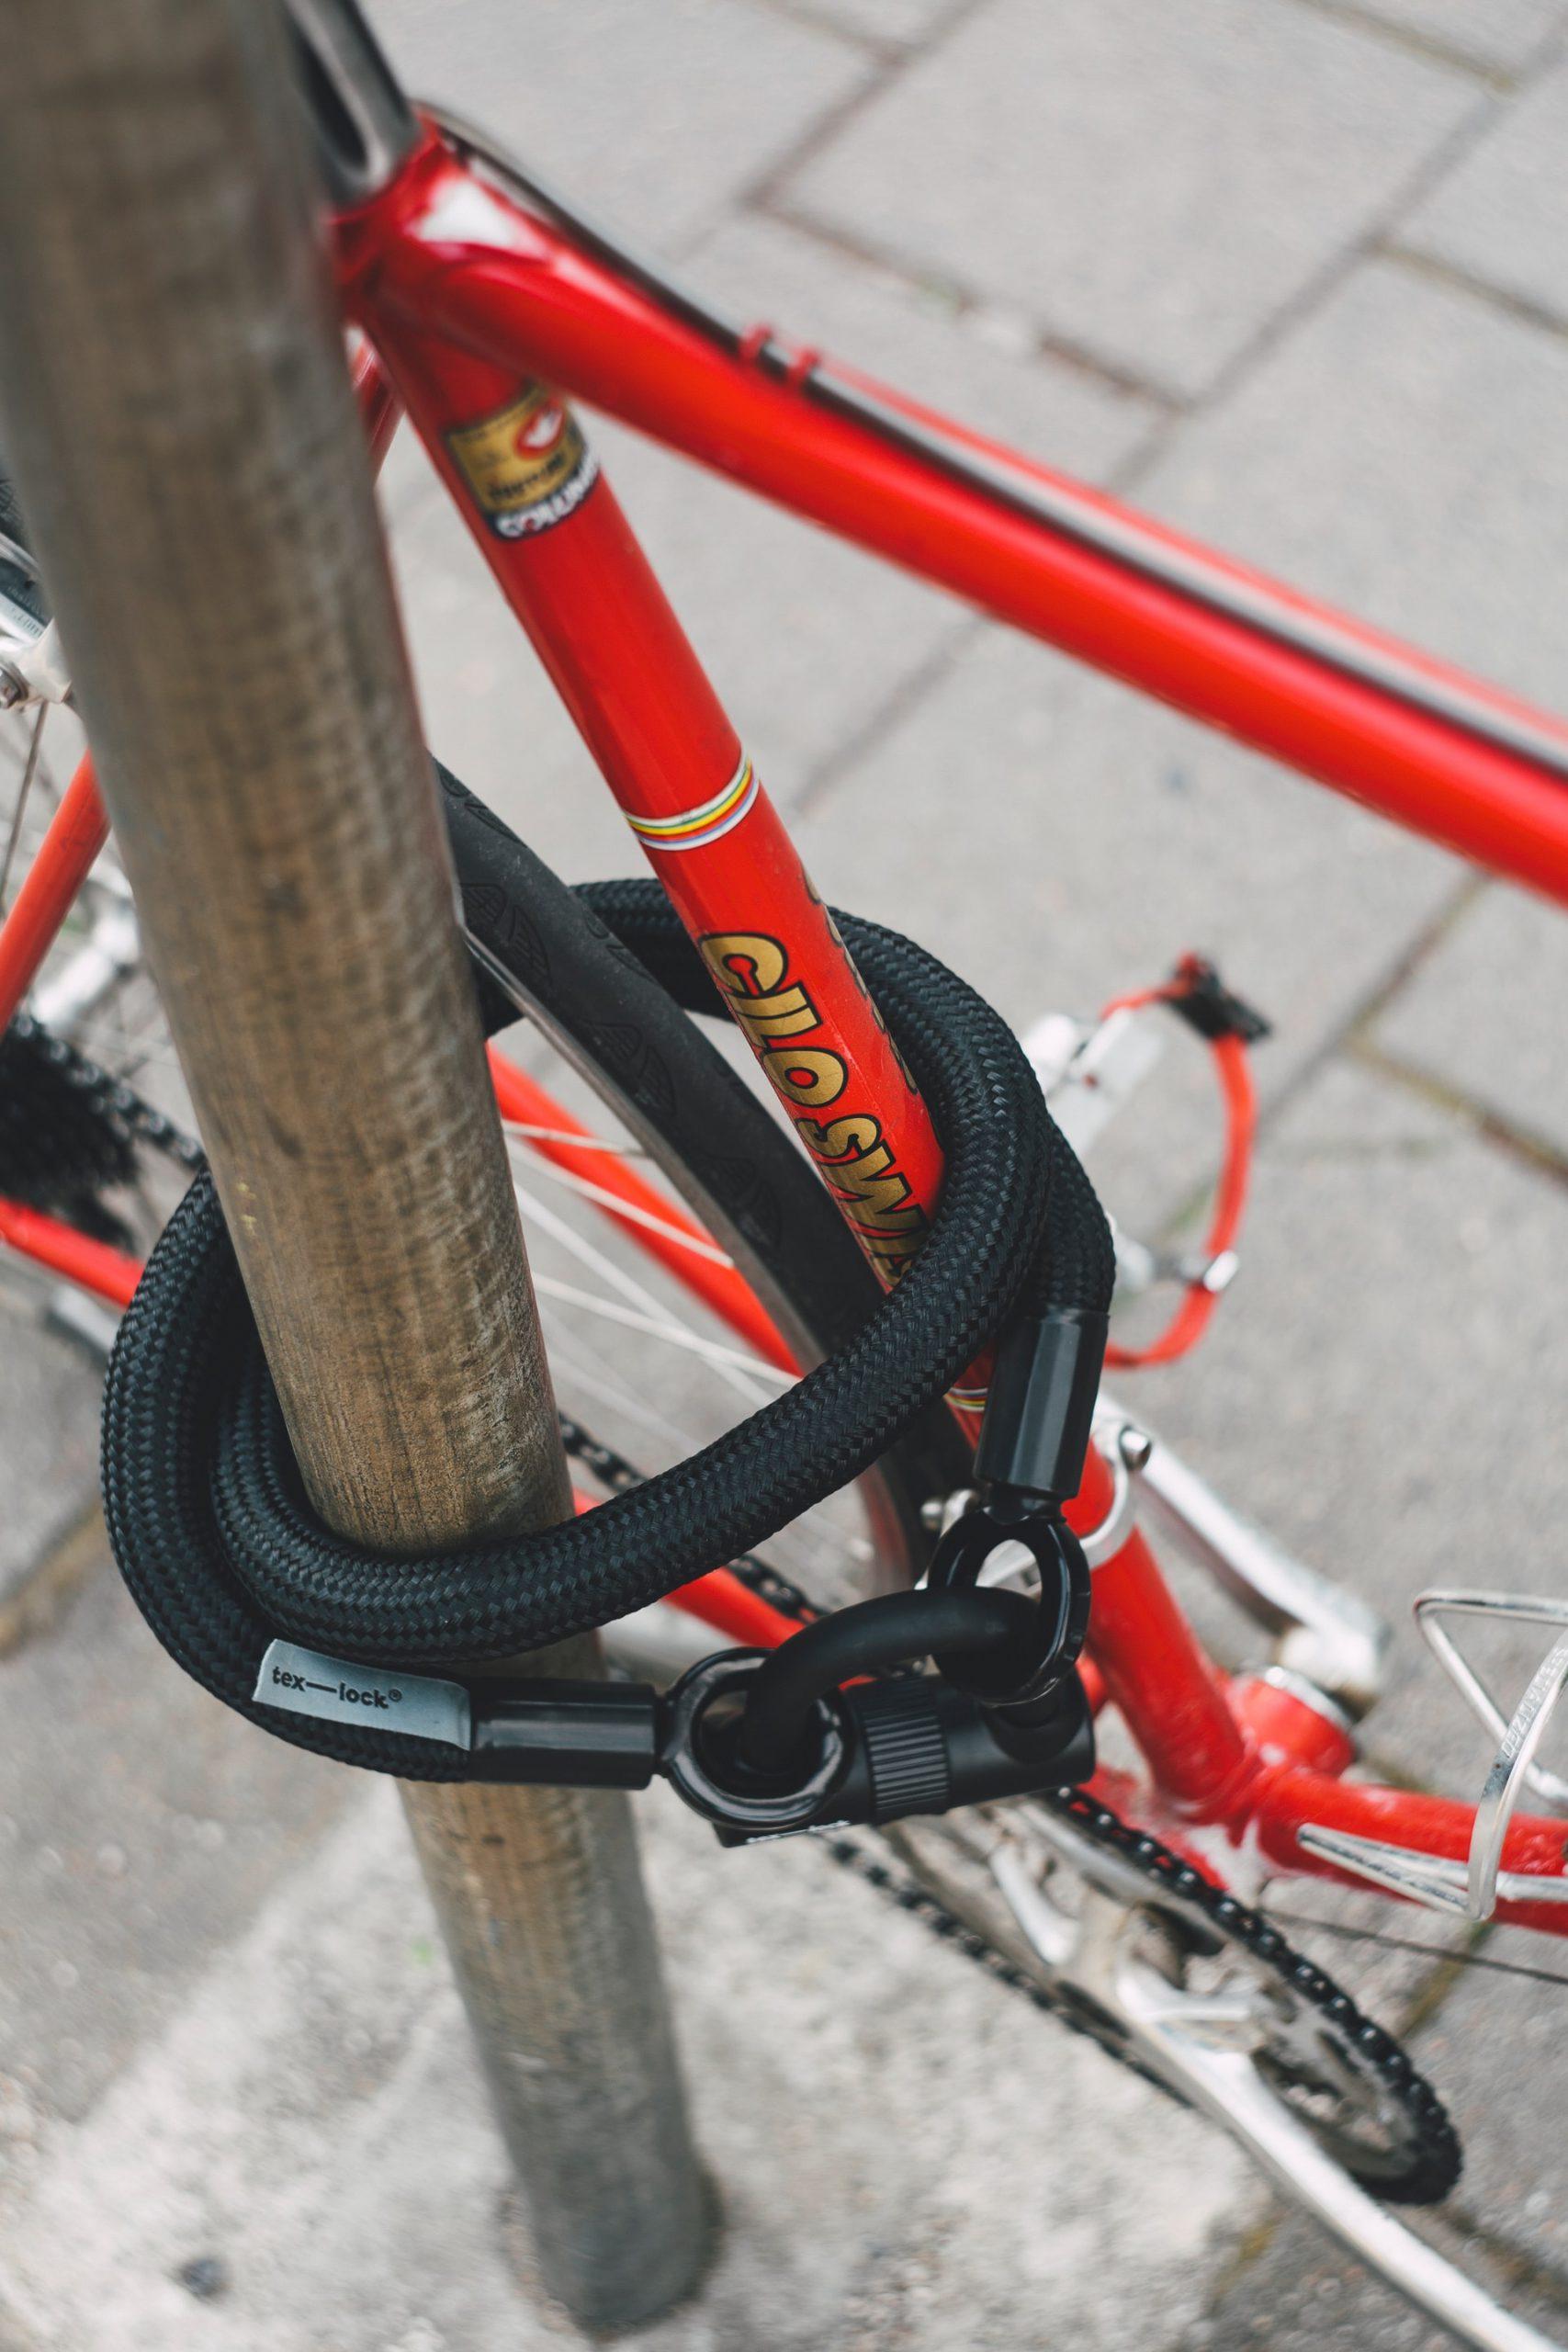 Kettenschloß am Fahrrad